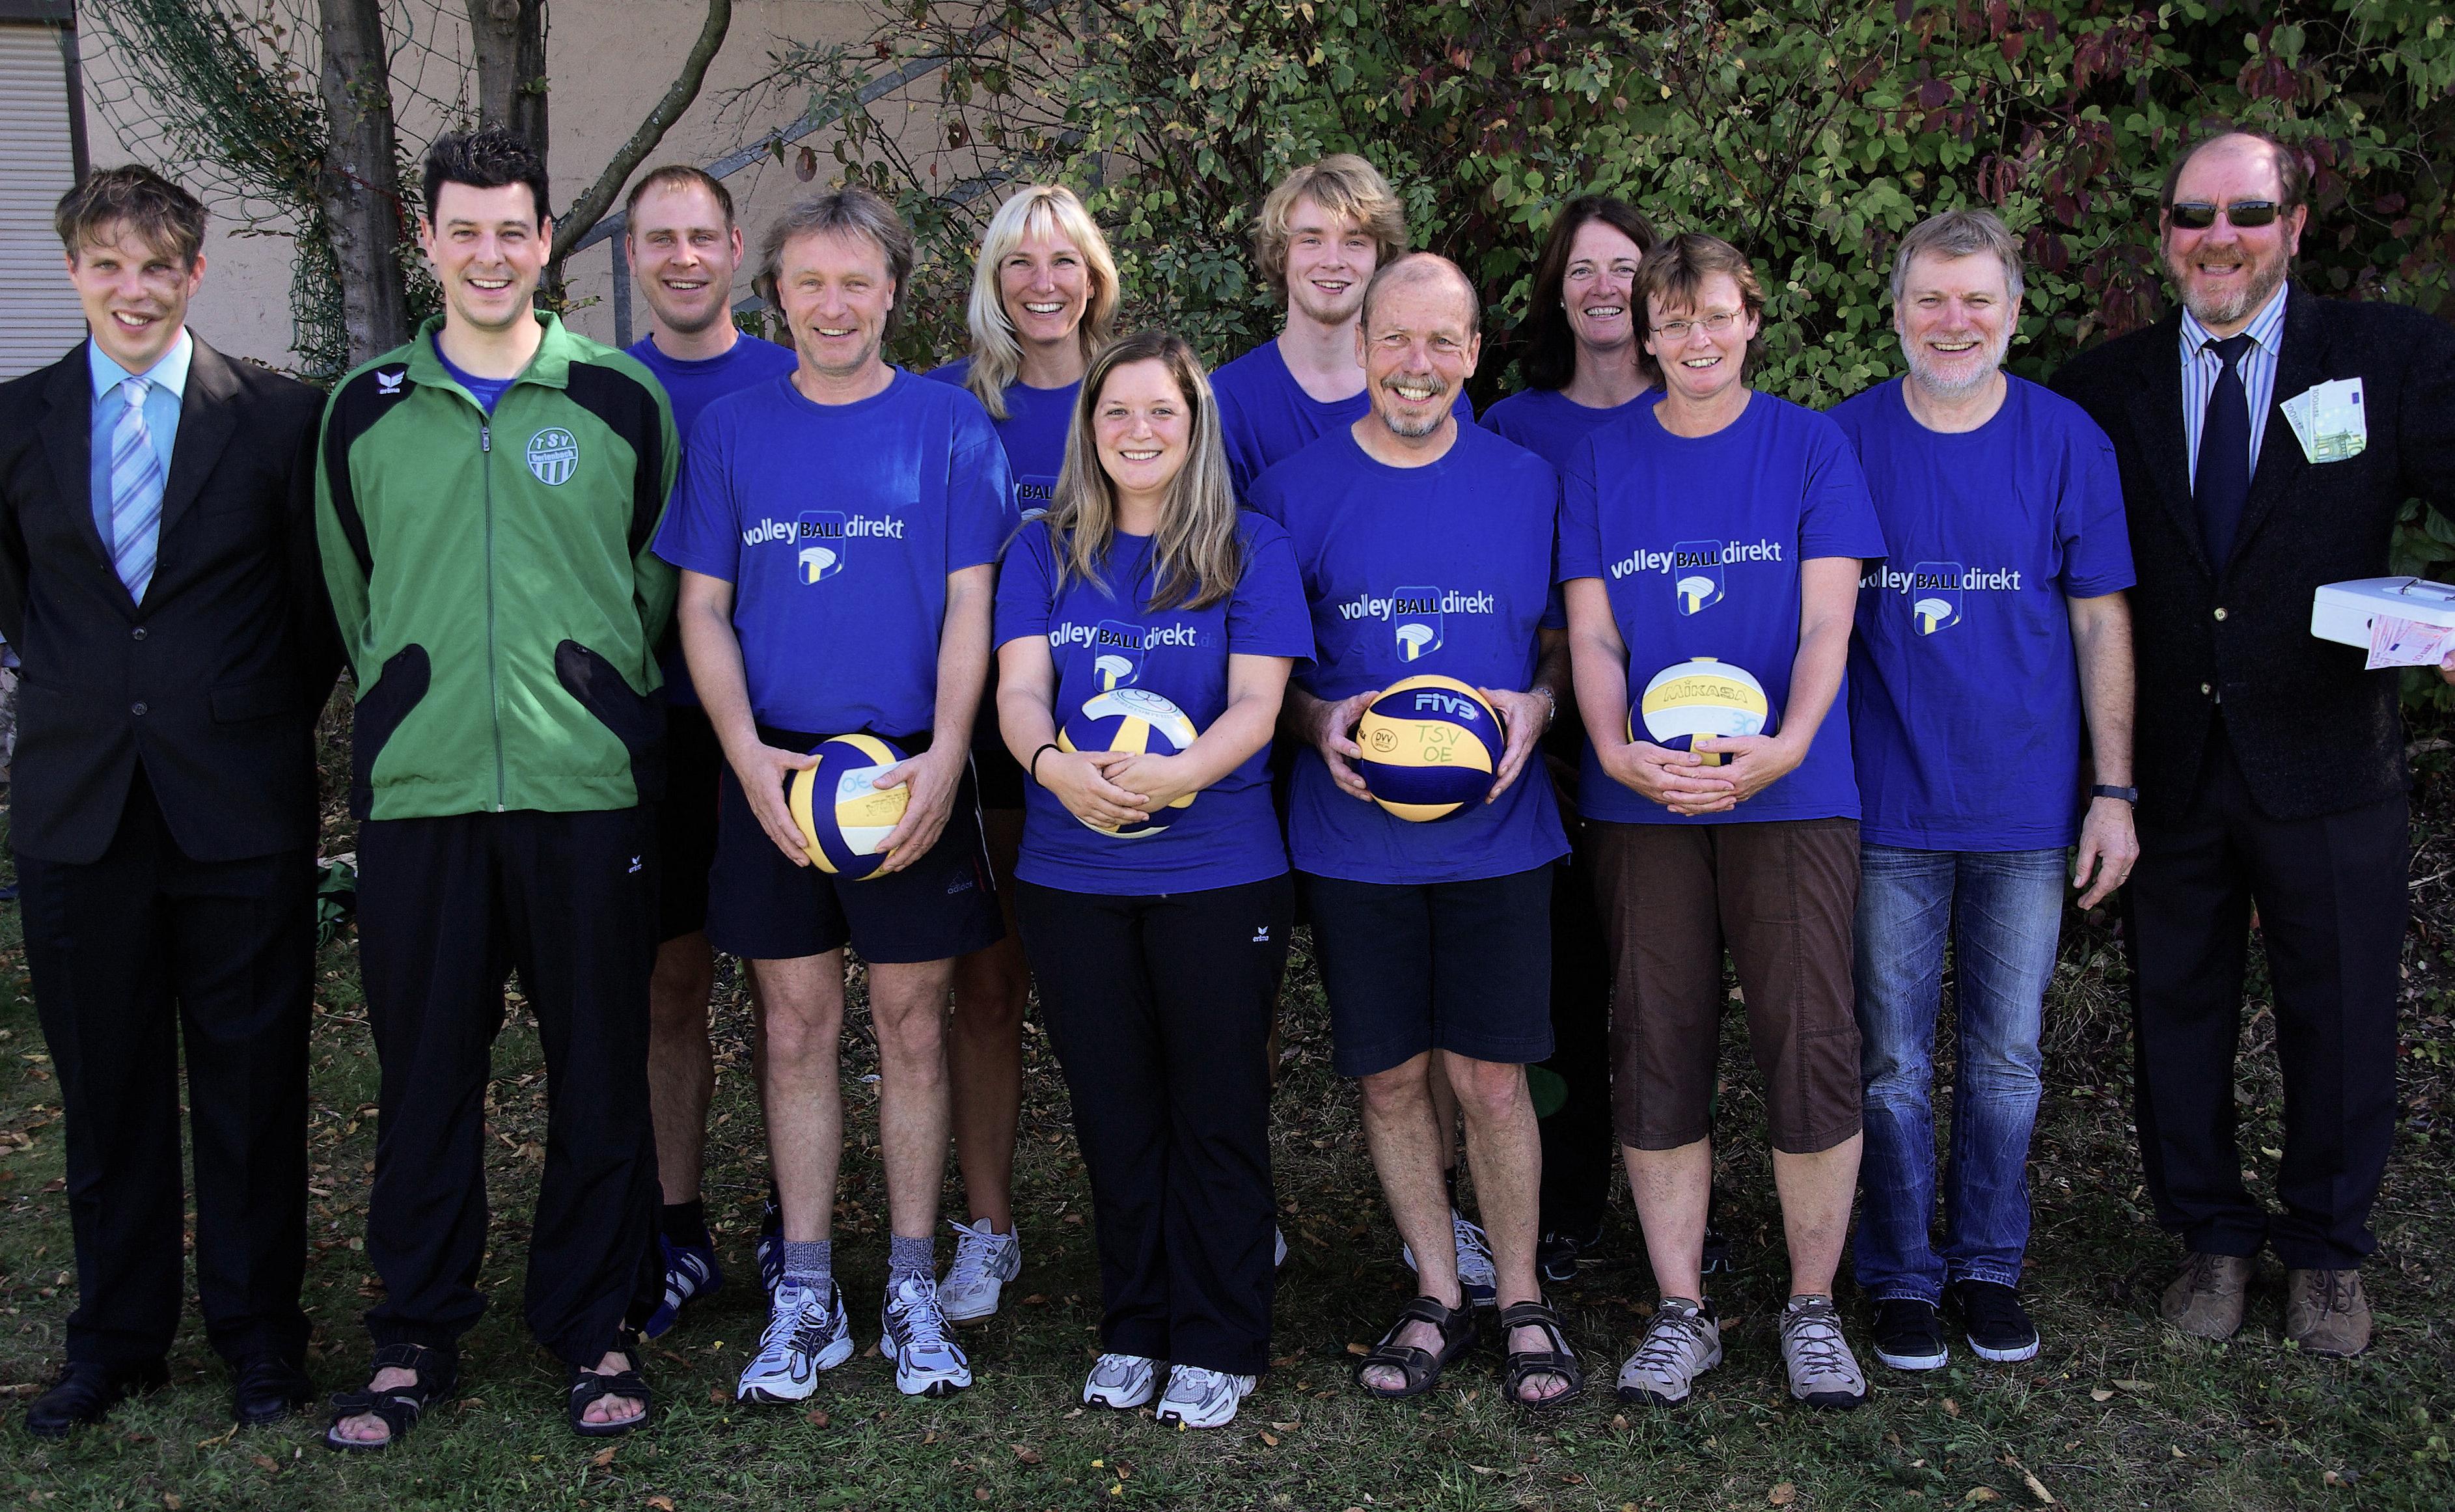 Volleyball-Gruppenfoto mit Kassier-9922